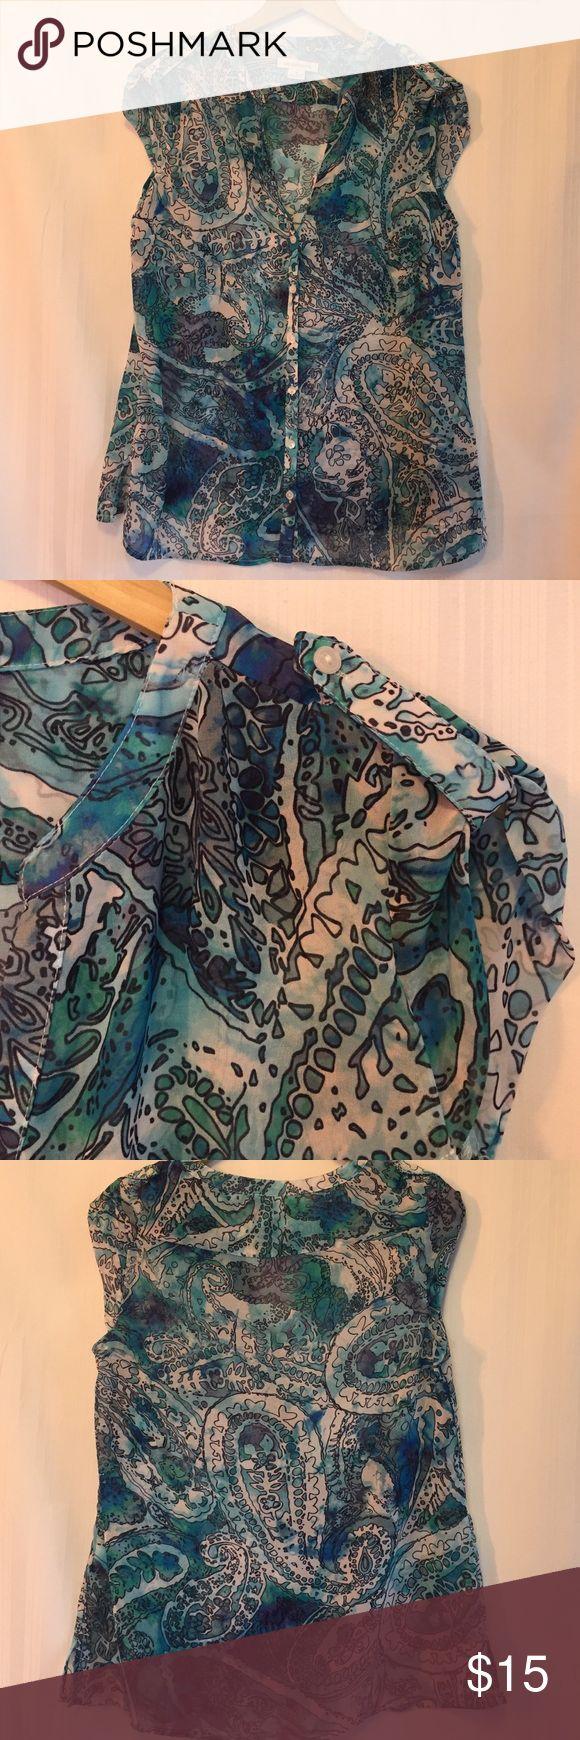 Liz Claiborne blouse 100% polyester button front , epaulets on shoulders Liz Claiborne Tops